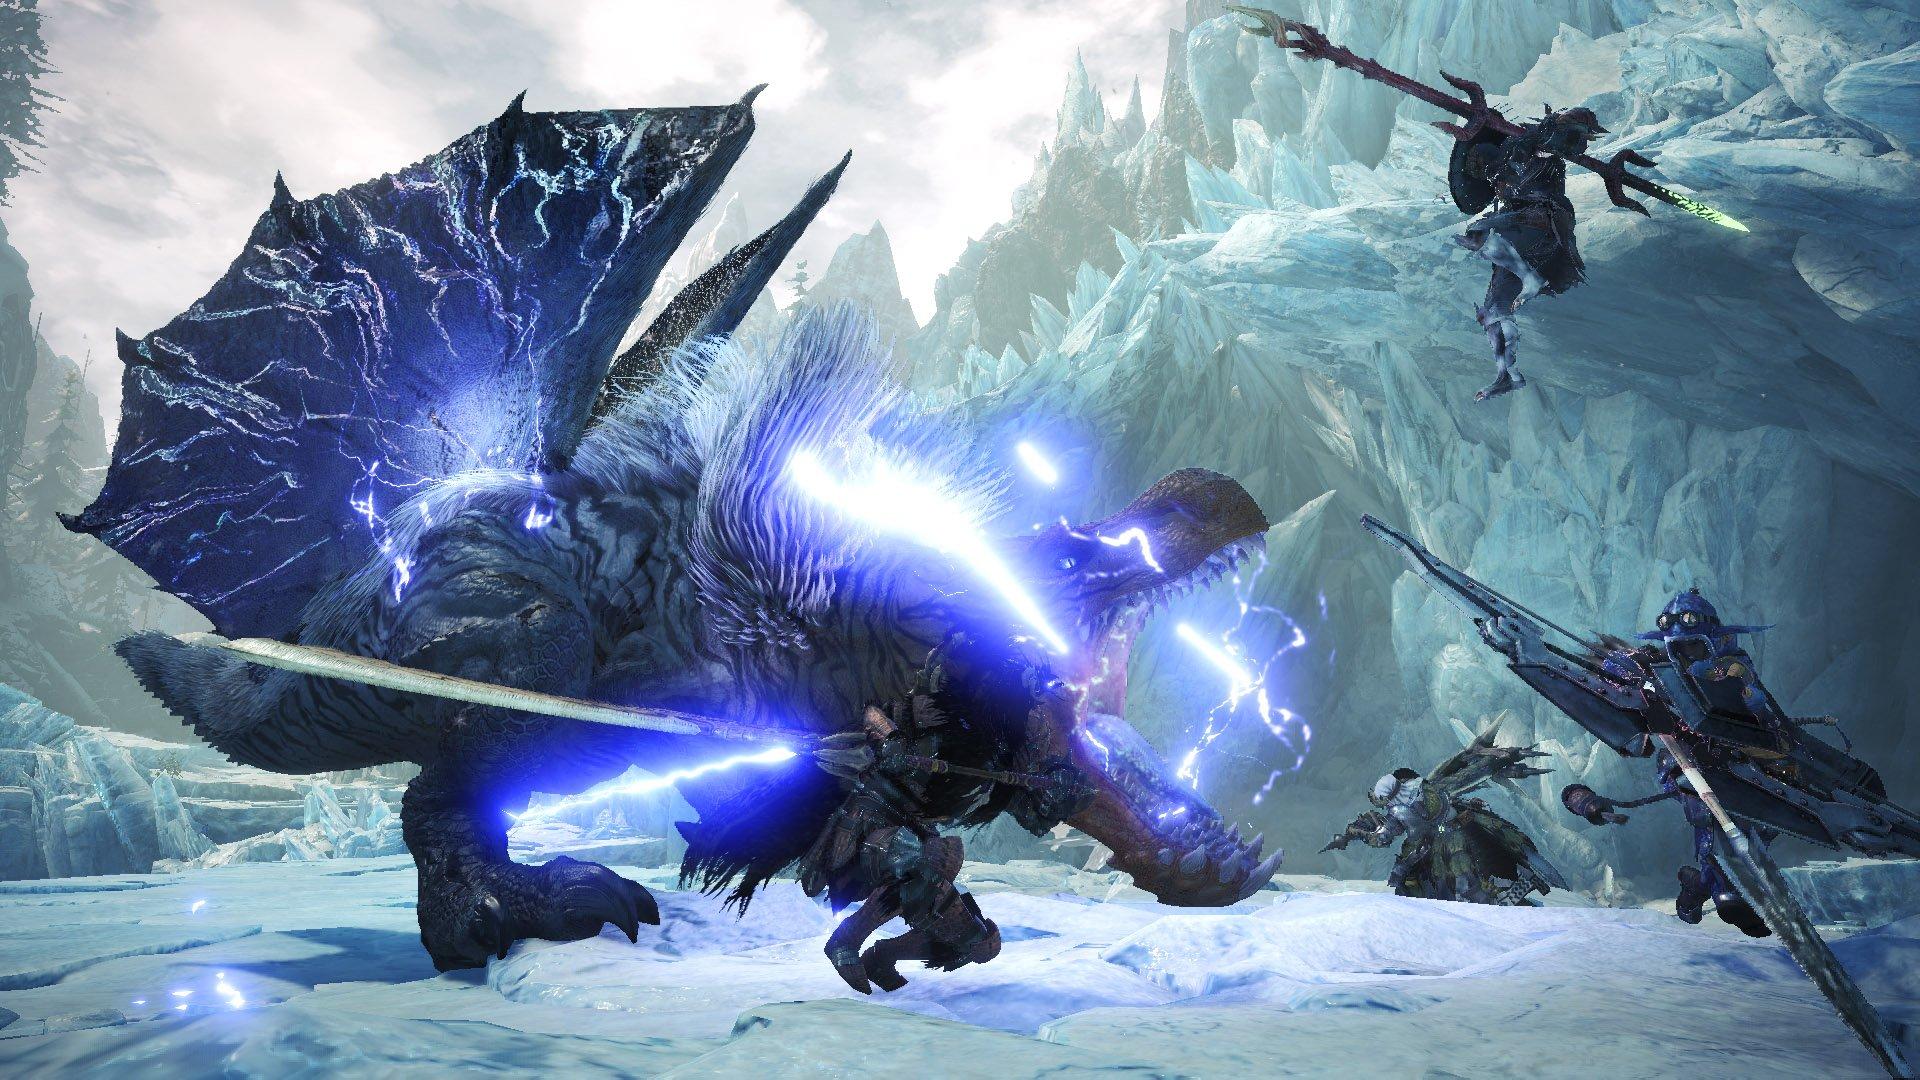 monster hunter world iceborne video game desktop wallpaper 68456